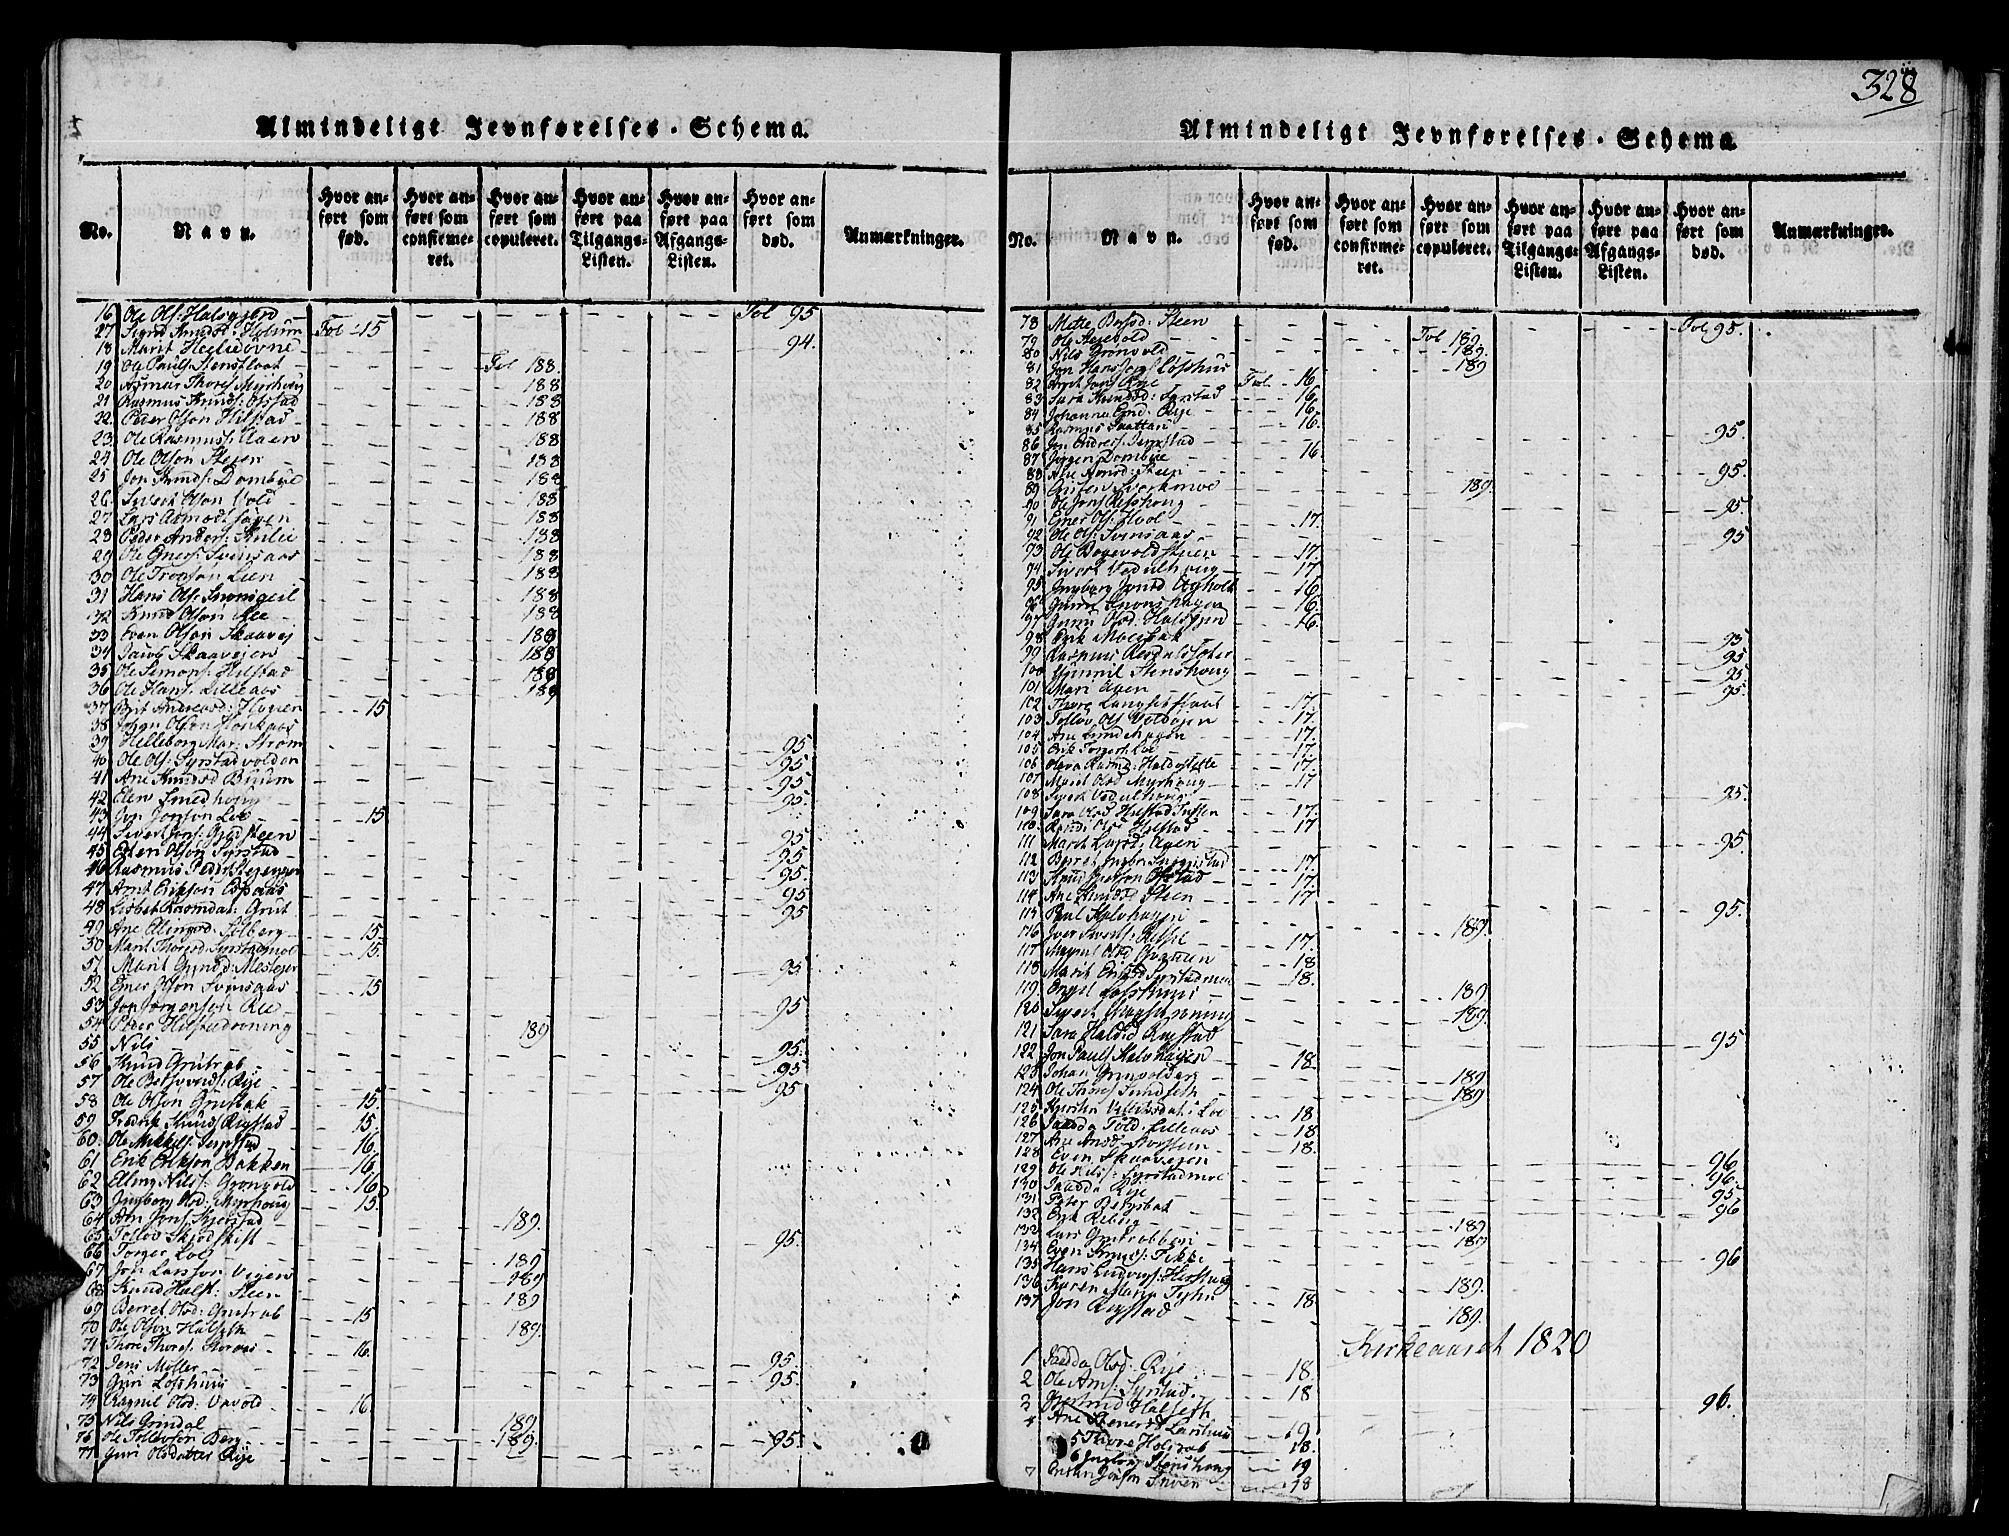 SAT, Ministerialprotokoller, klokkerbøker og fødselsregistre - Sør-Trøndelag, 672/L0853: Ministerialbok nr. 672A06 /1, 1816-1829, s. 328